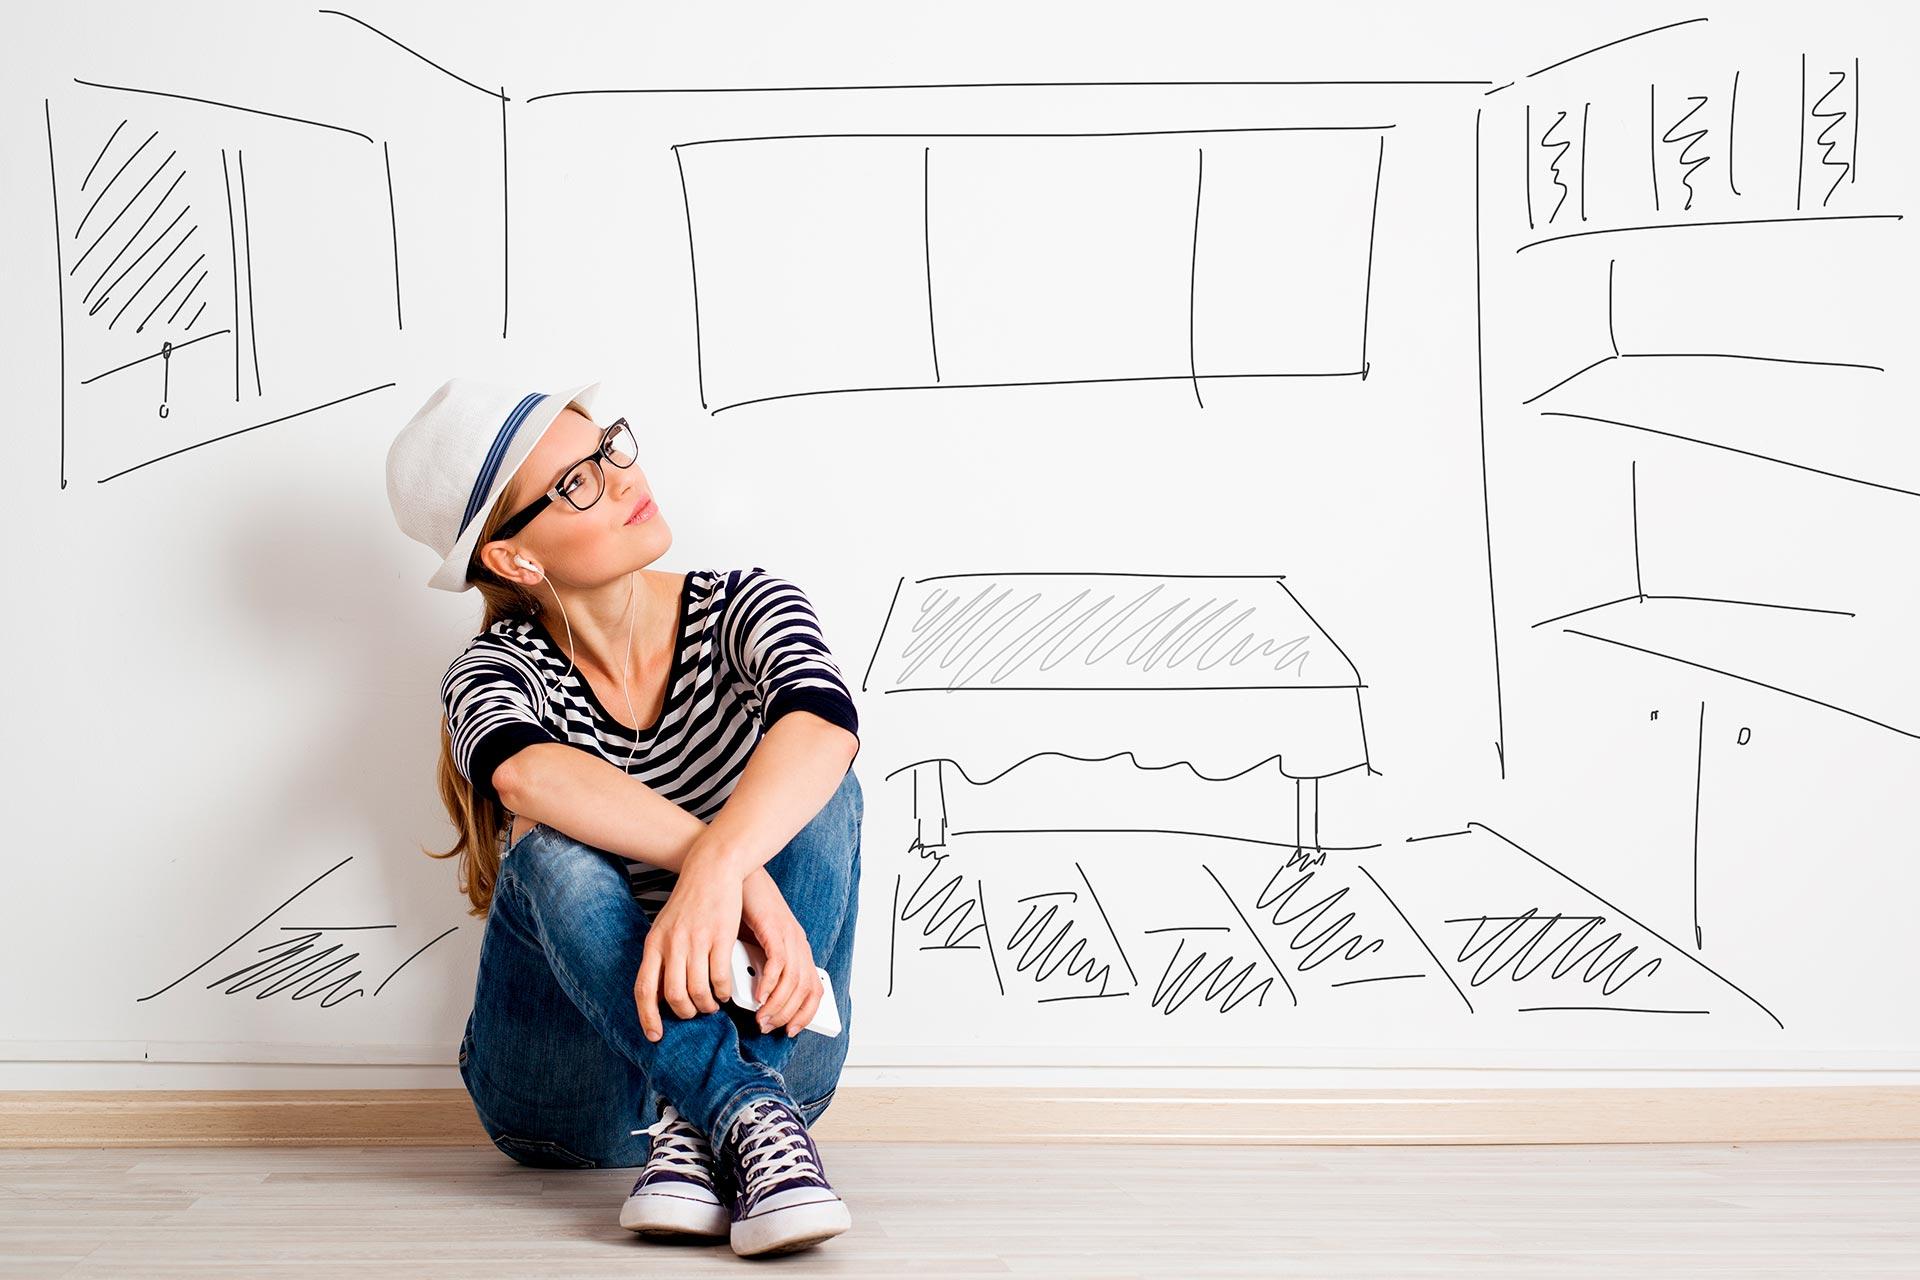 Organizzare gli spazi in casa